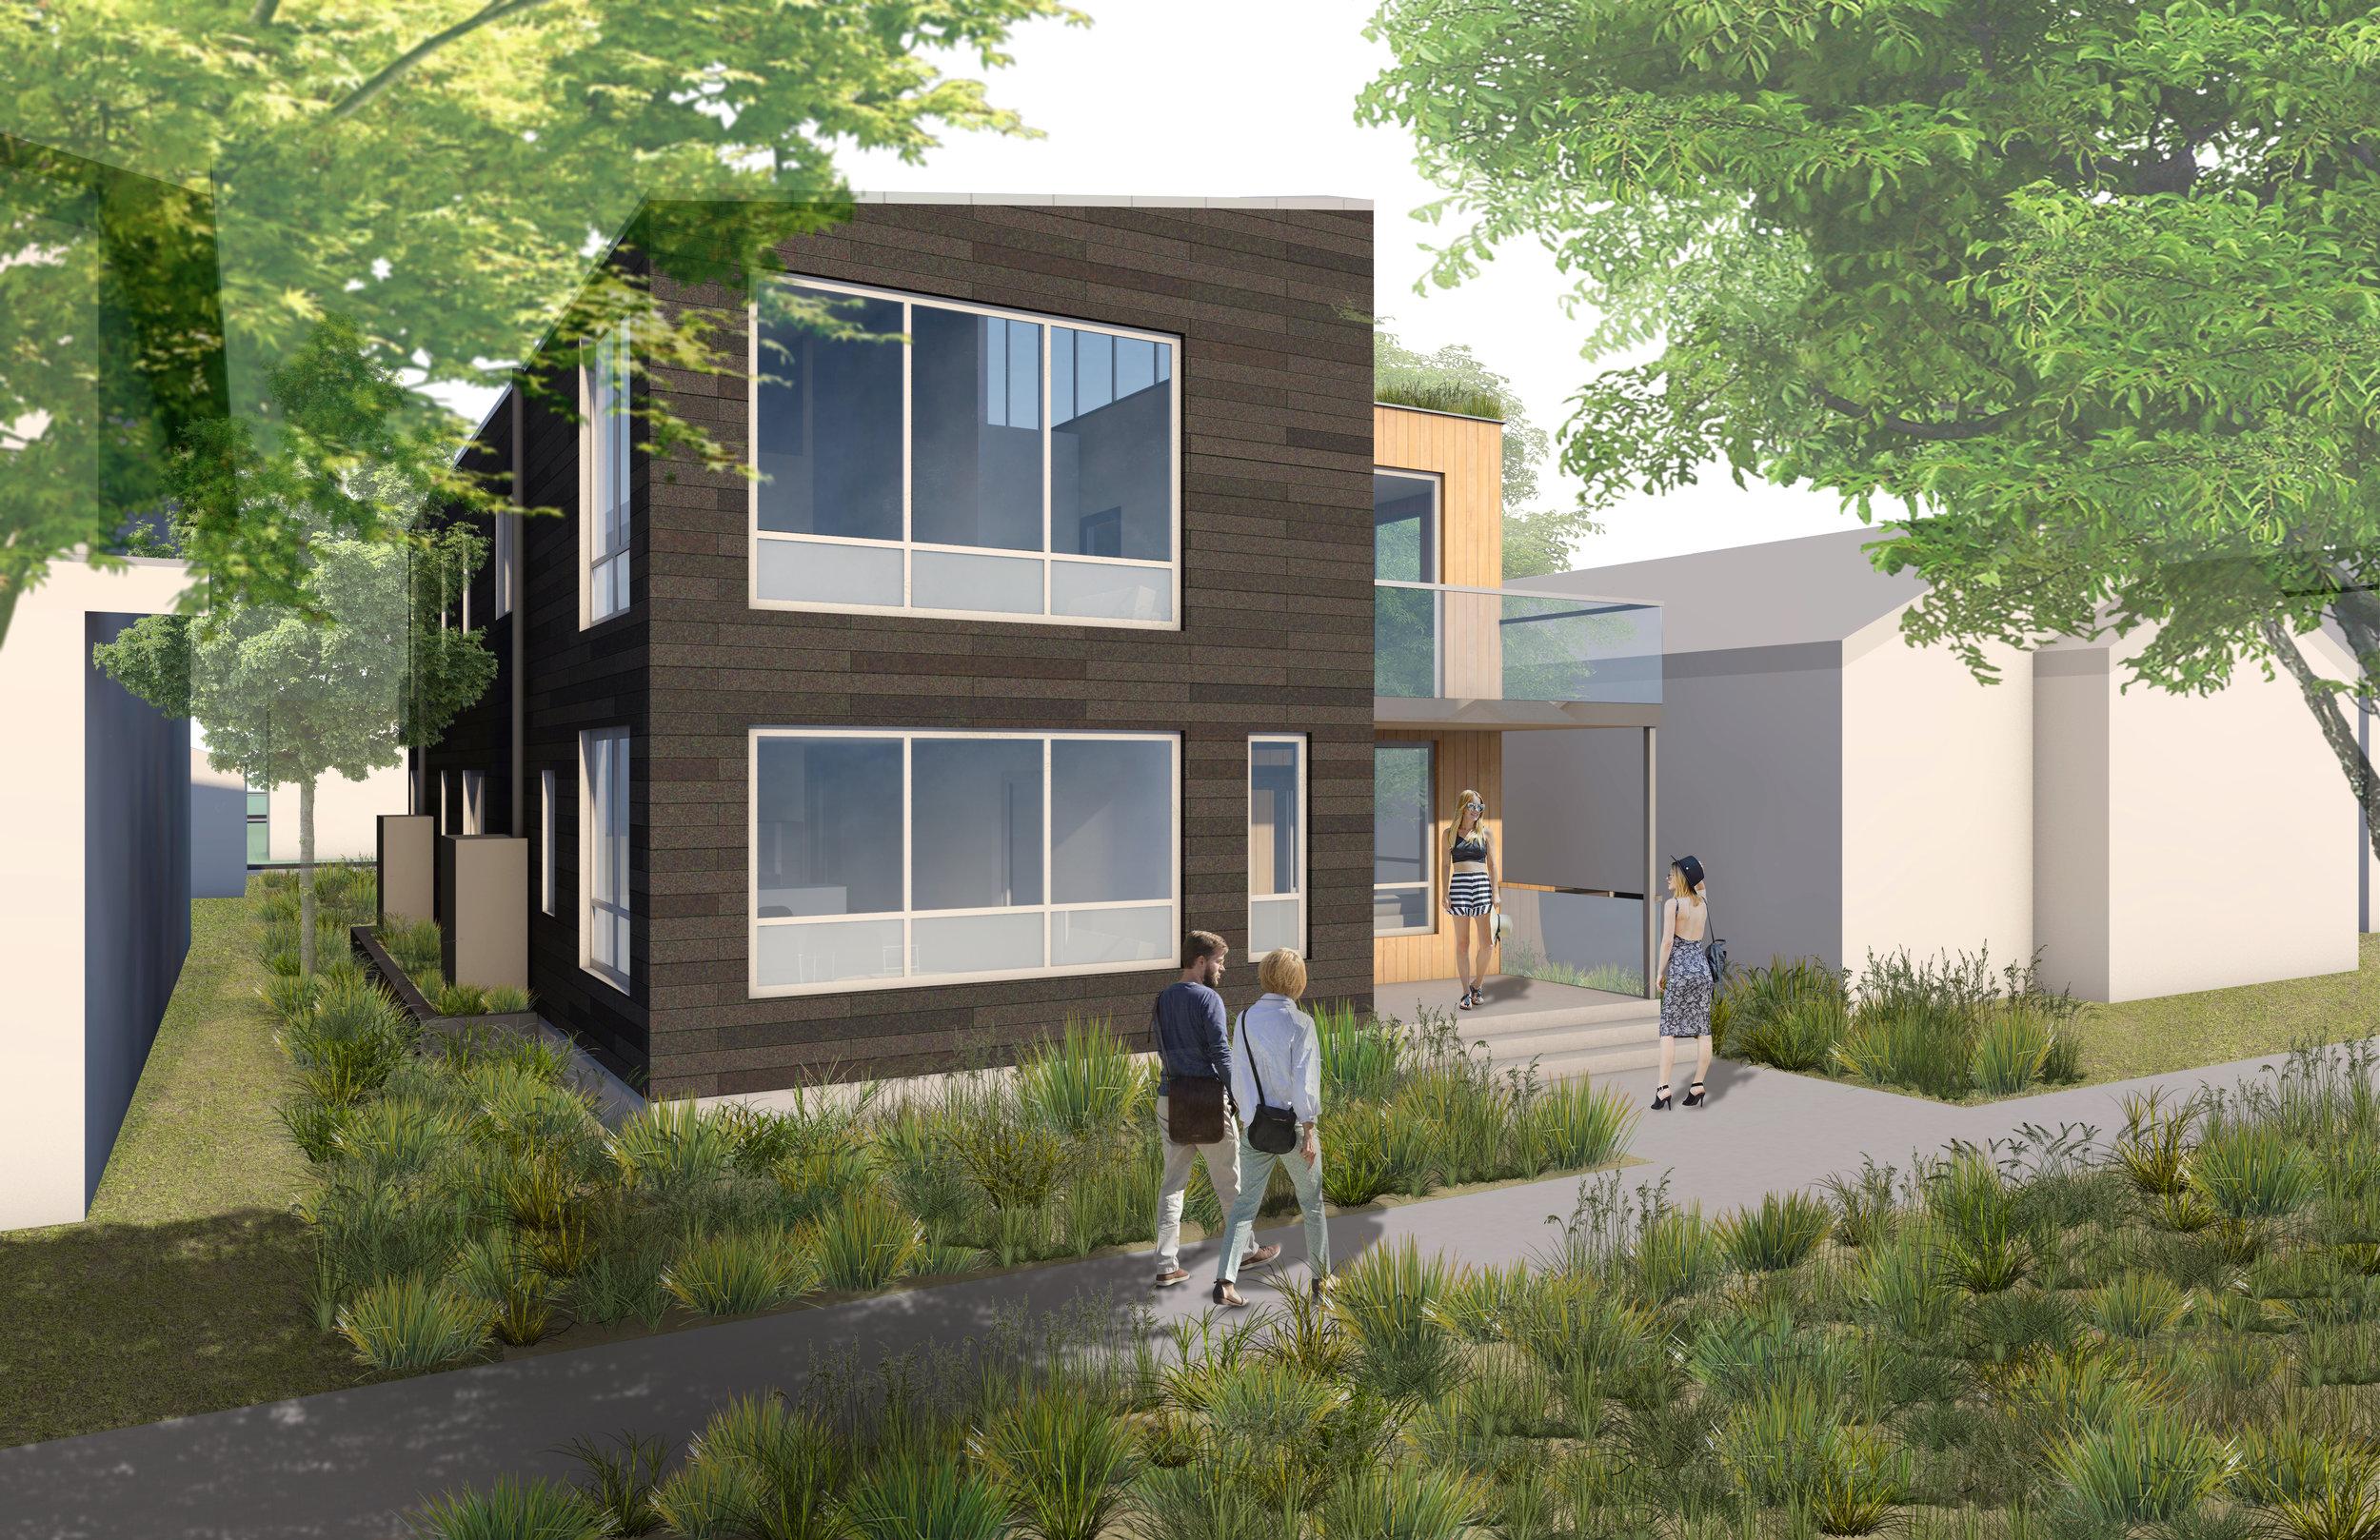 Duplex View 2 Curved Rendering.jpg